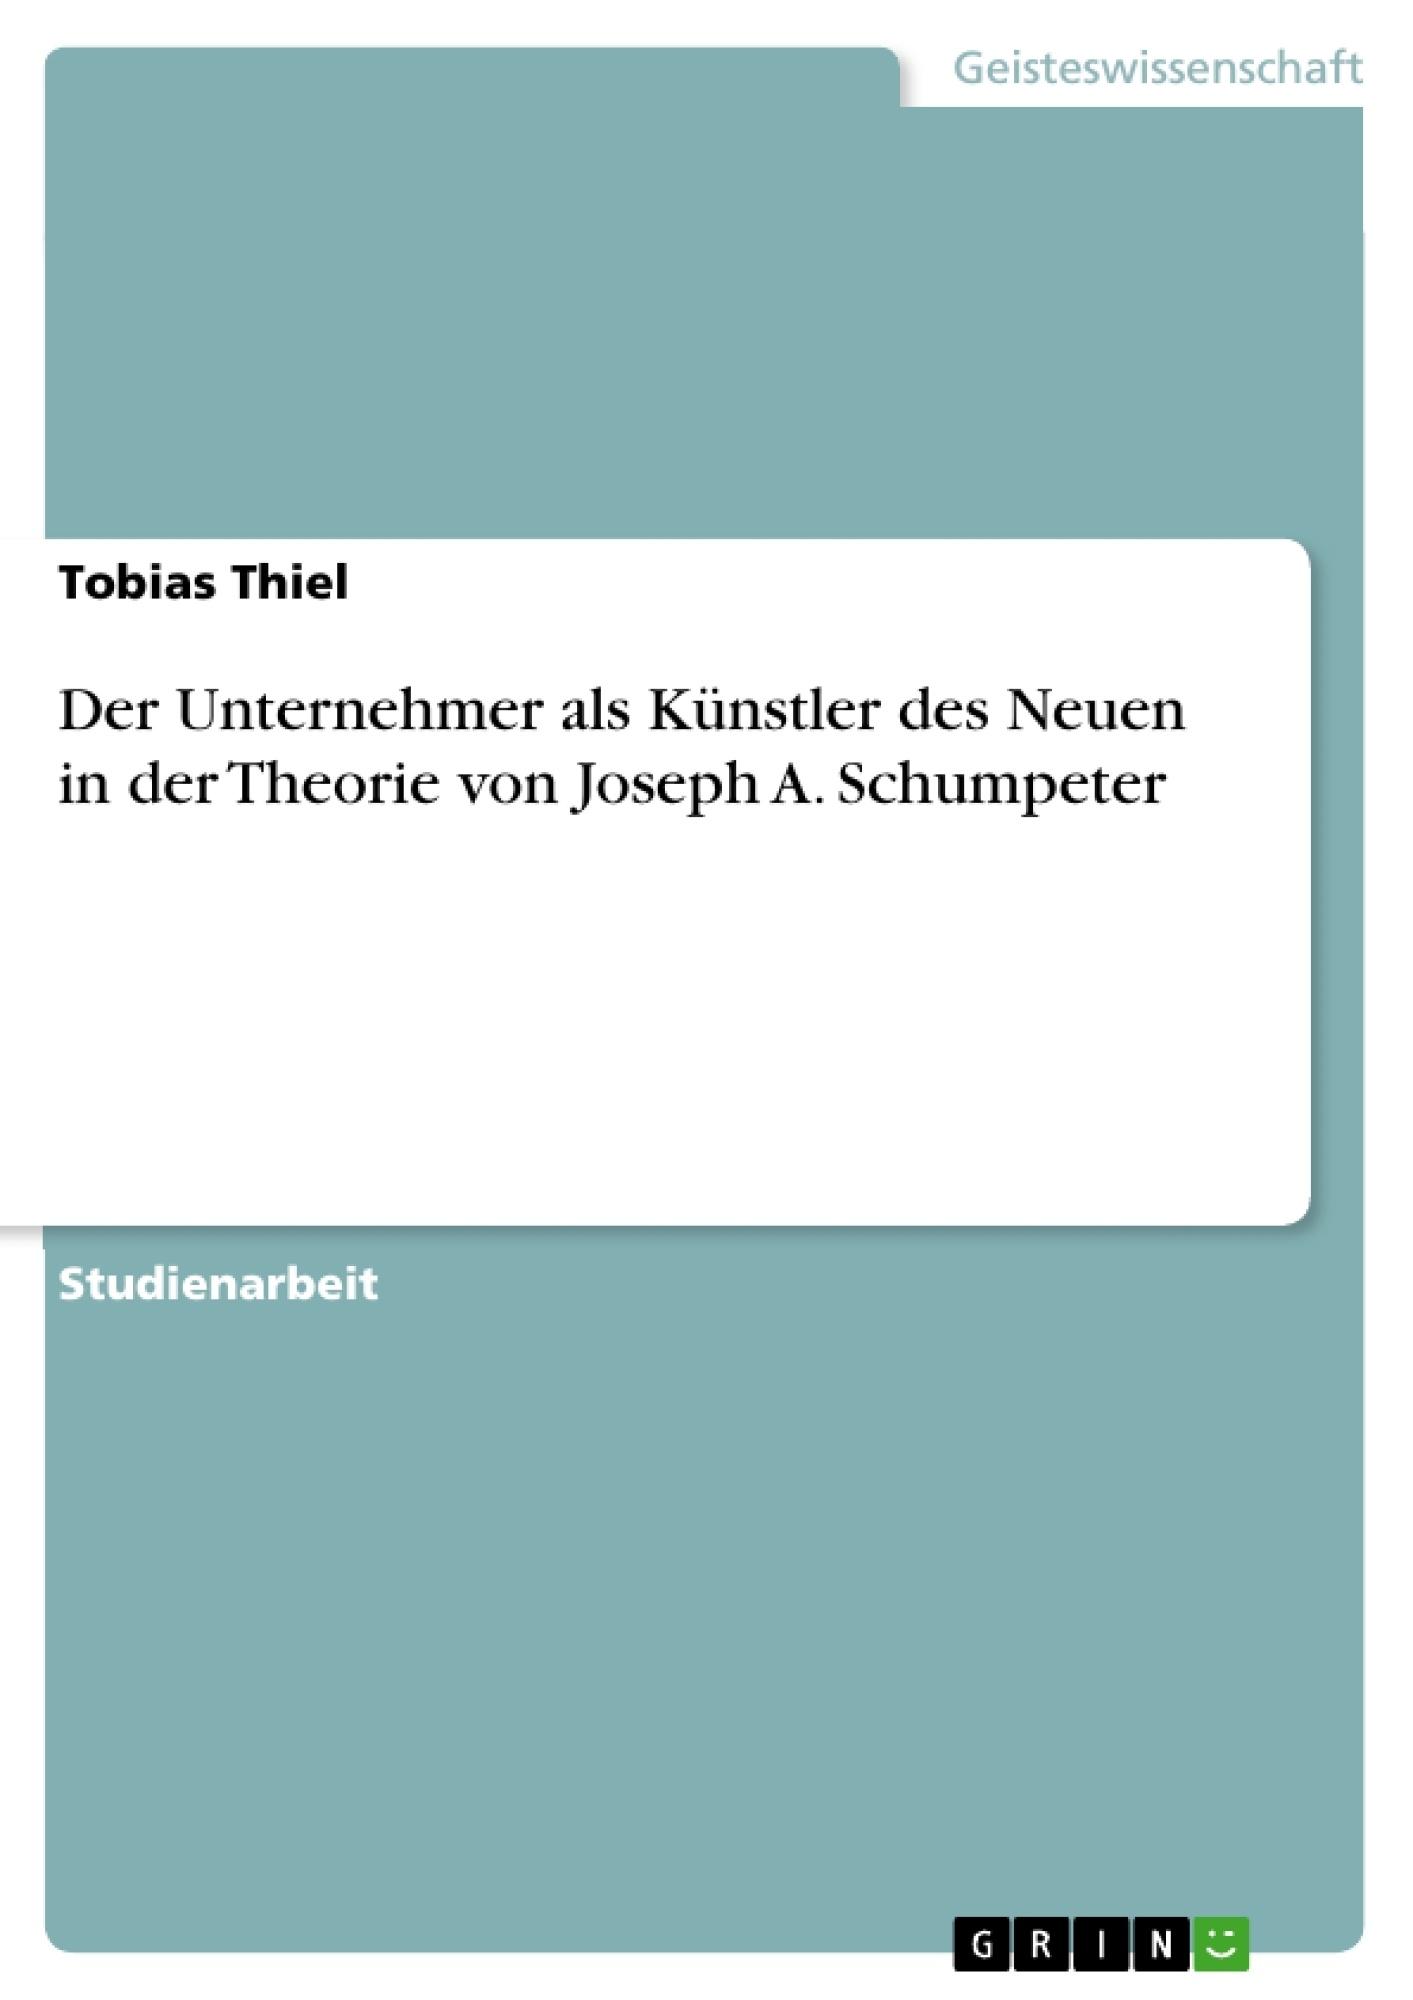 Titel: Der Unternehmer als Künstler des Neuen in der Theorie von Joseph A. Schumpeter